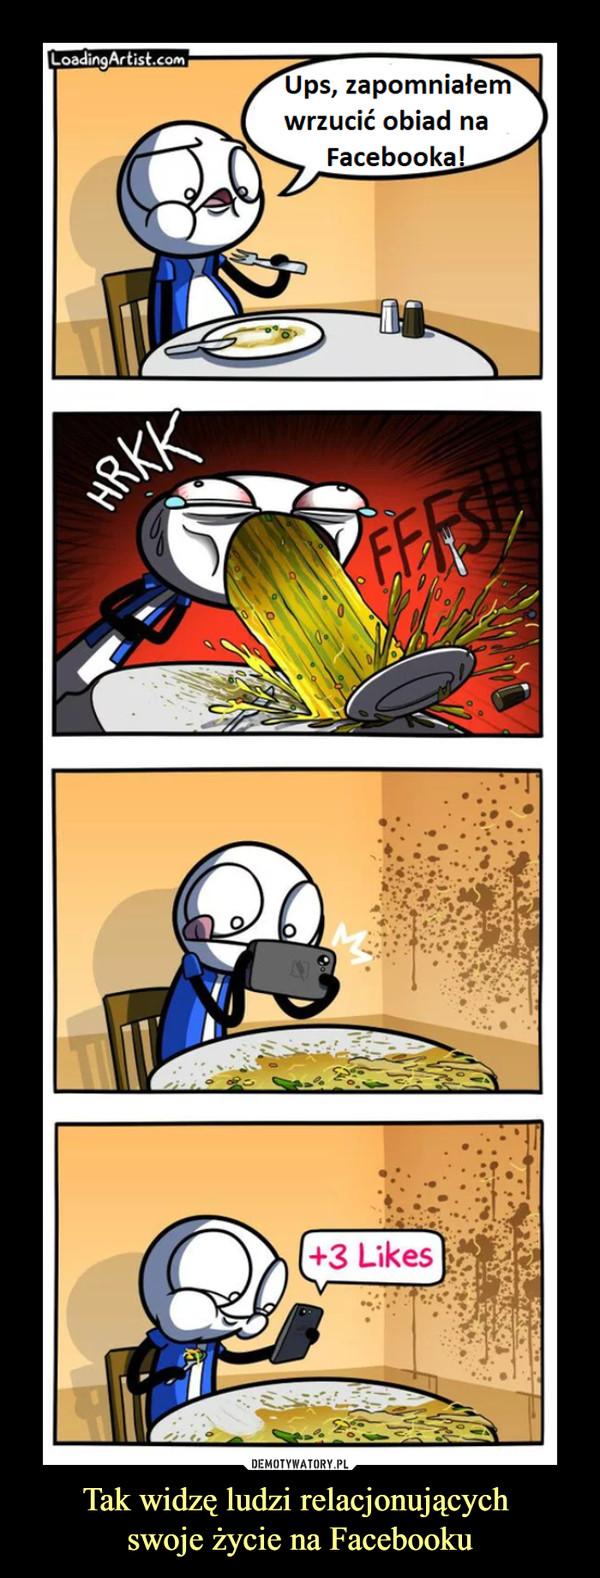 Tak widzę ludzi relacjonujących swoje życie na Facebooku –  Ups, zapomniałem wrzucić obiad na Facebooka!